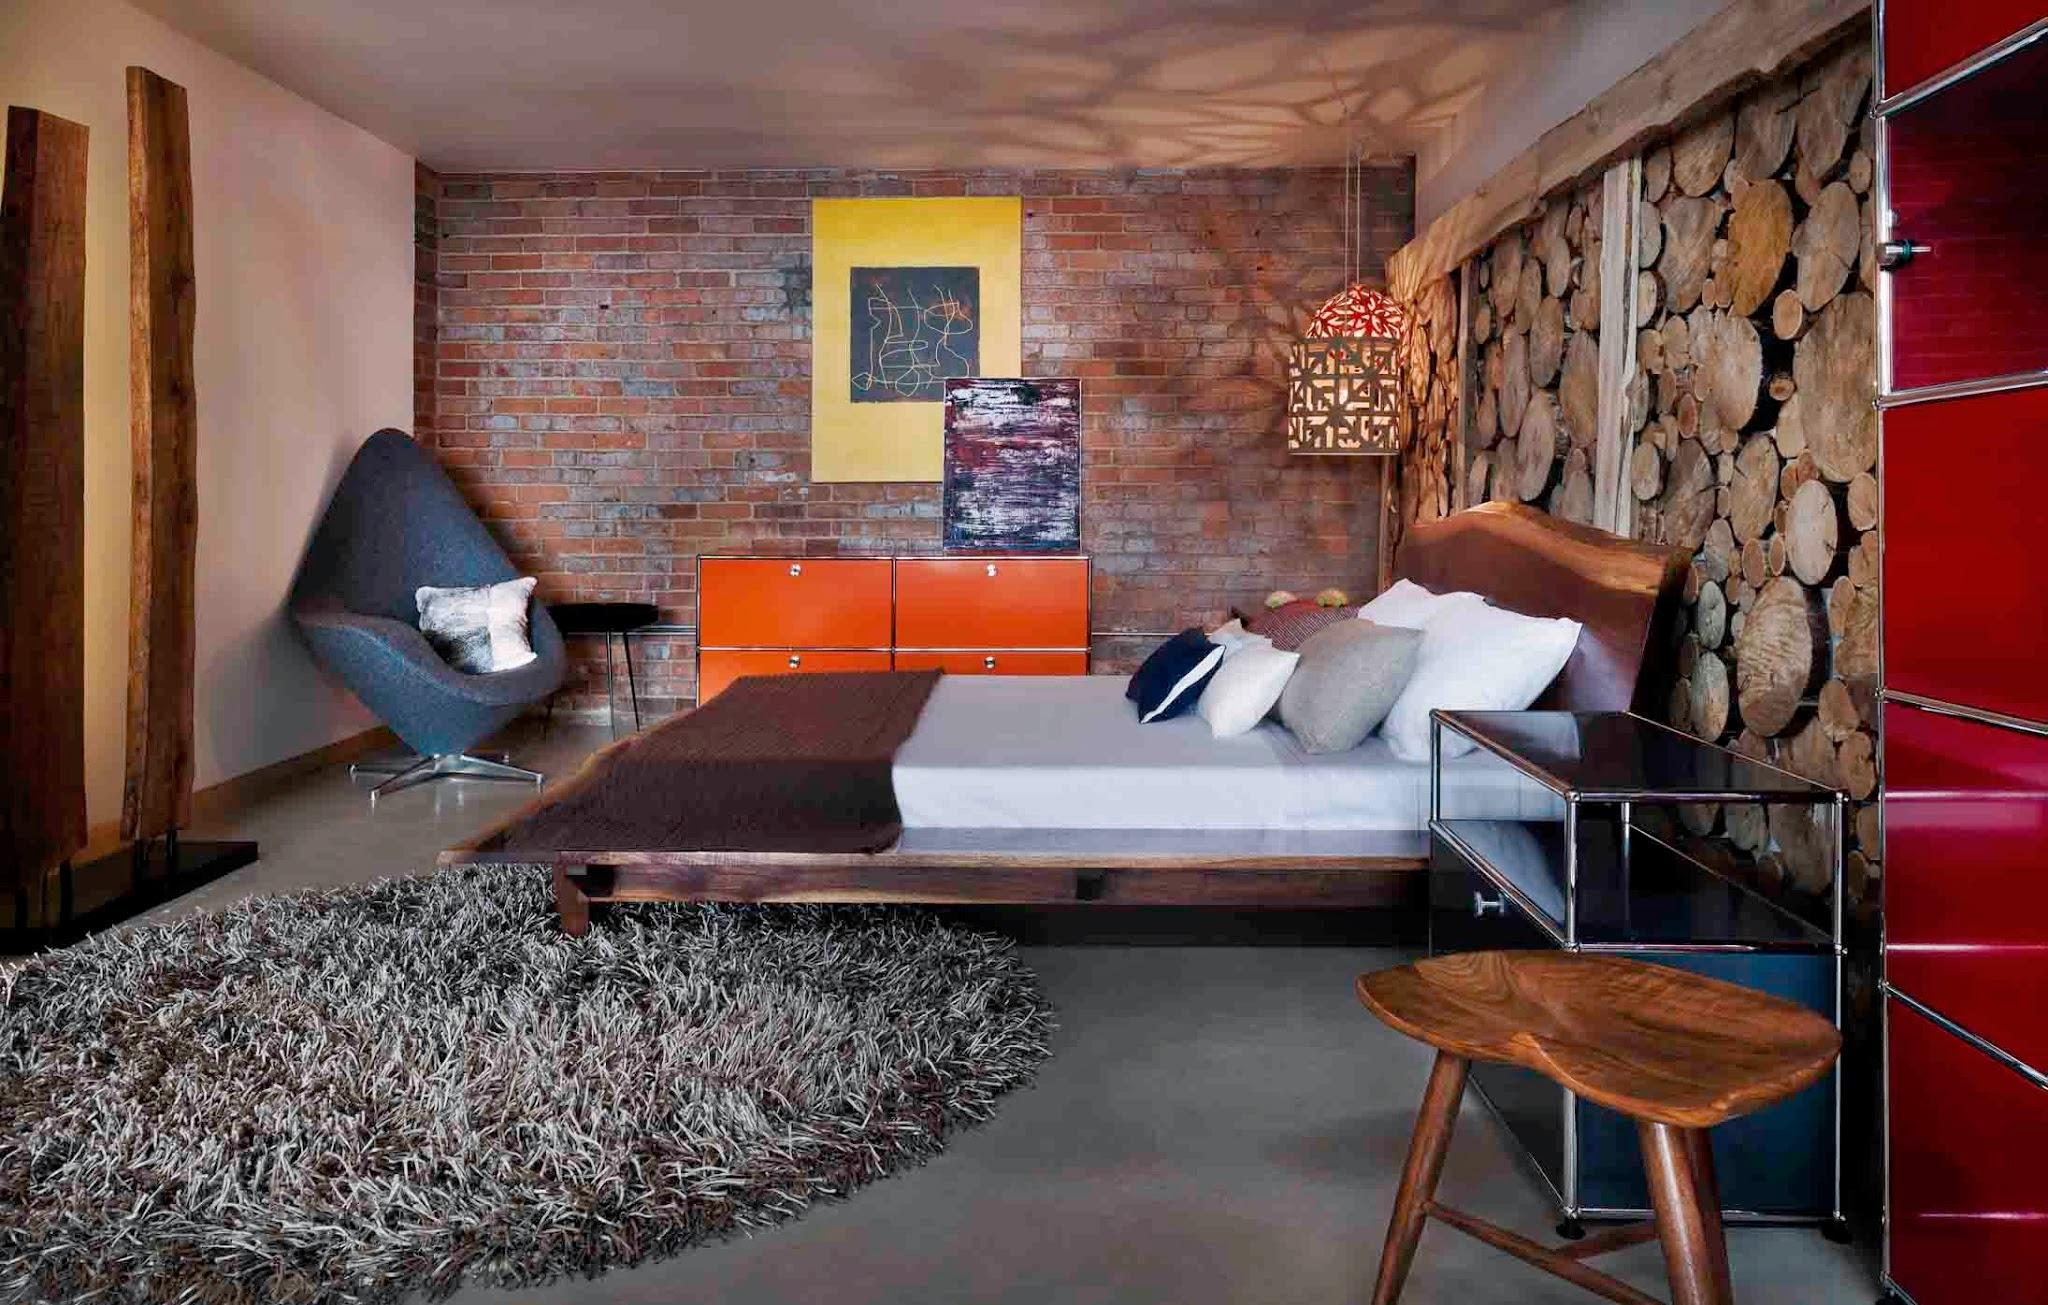 Сочетание различных текстур и цветов в одном помещении